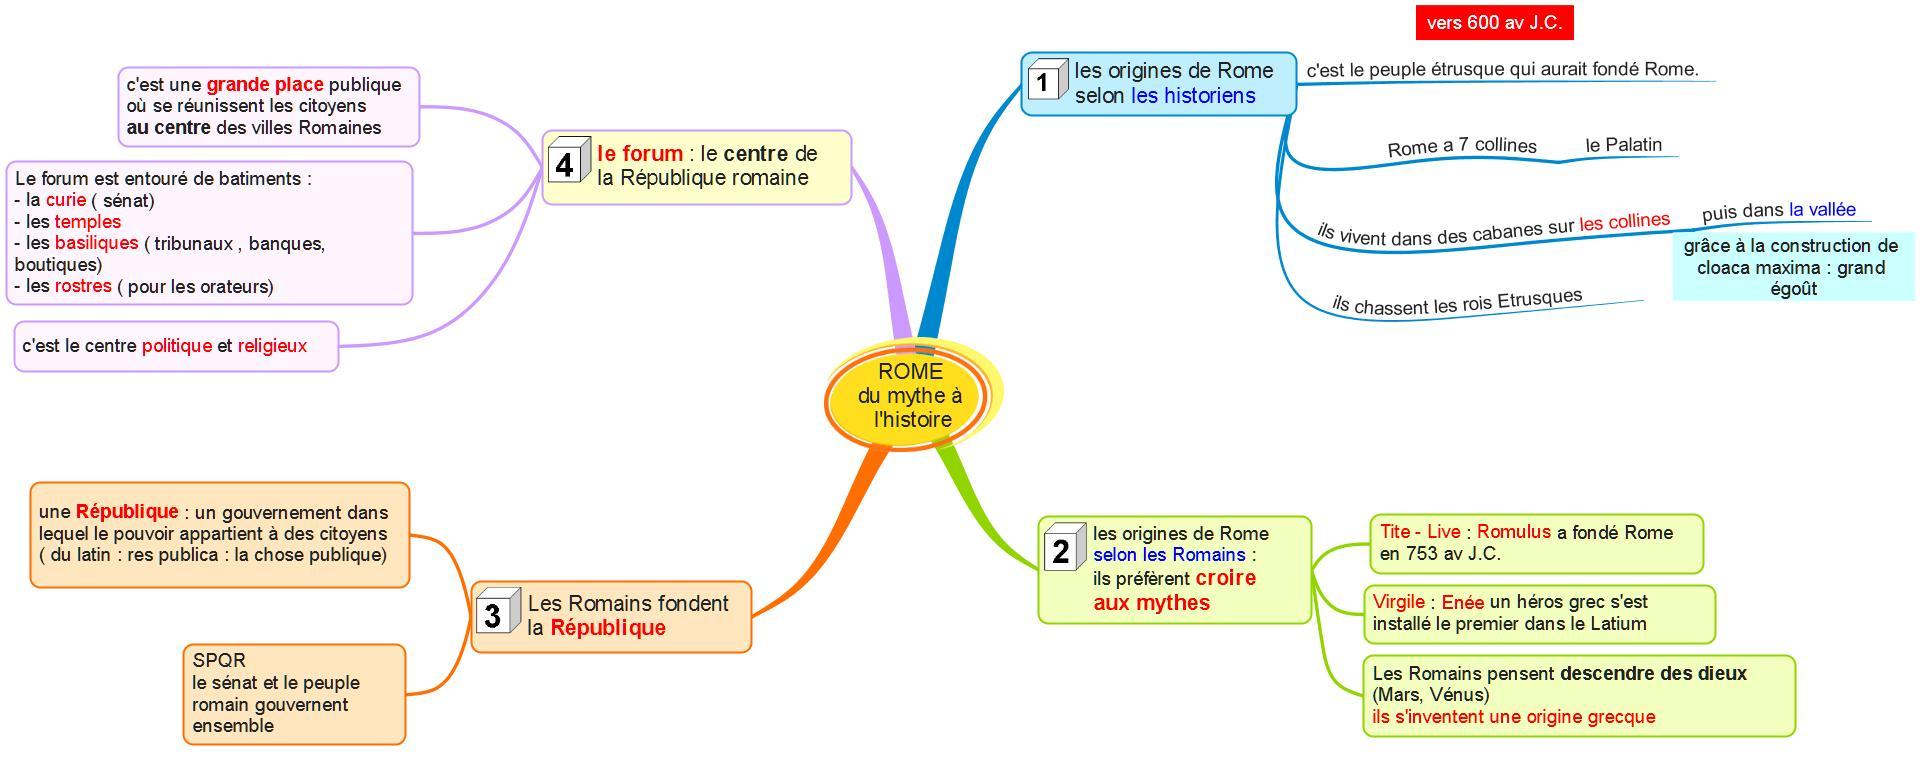 rome-du-mythe-a-lhistoire